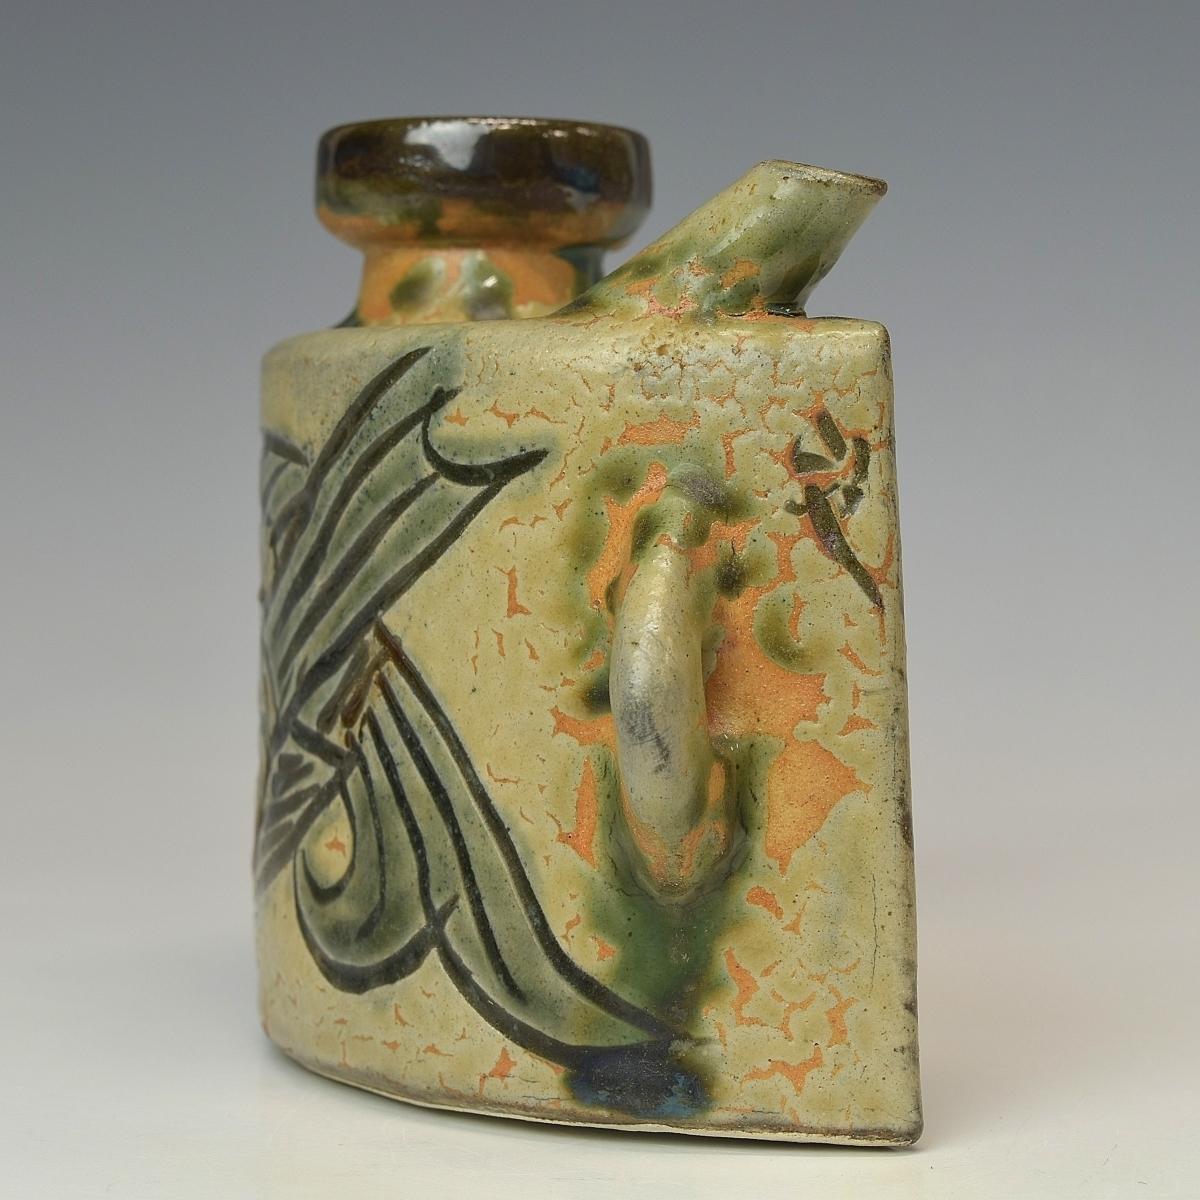 【趣楽】 人間国宝 金城次郎作 魚文抱瓶 酒器 本物保証 V1351_画像3